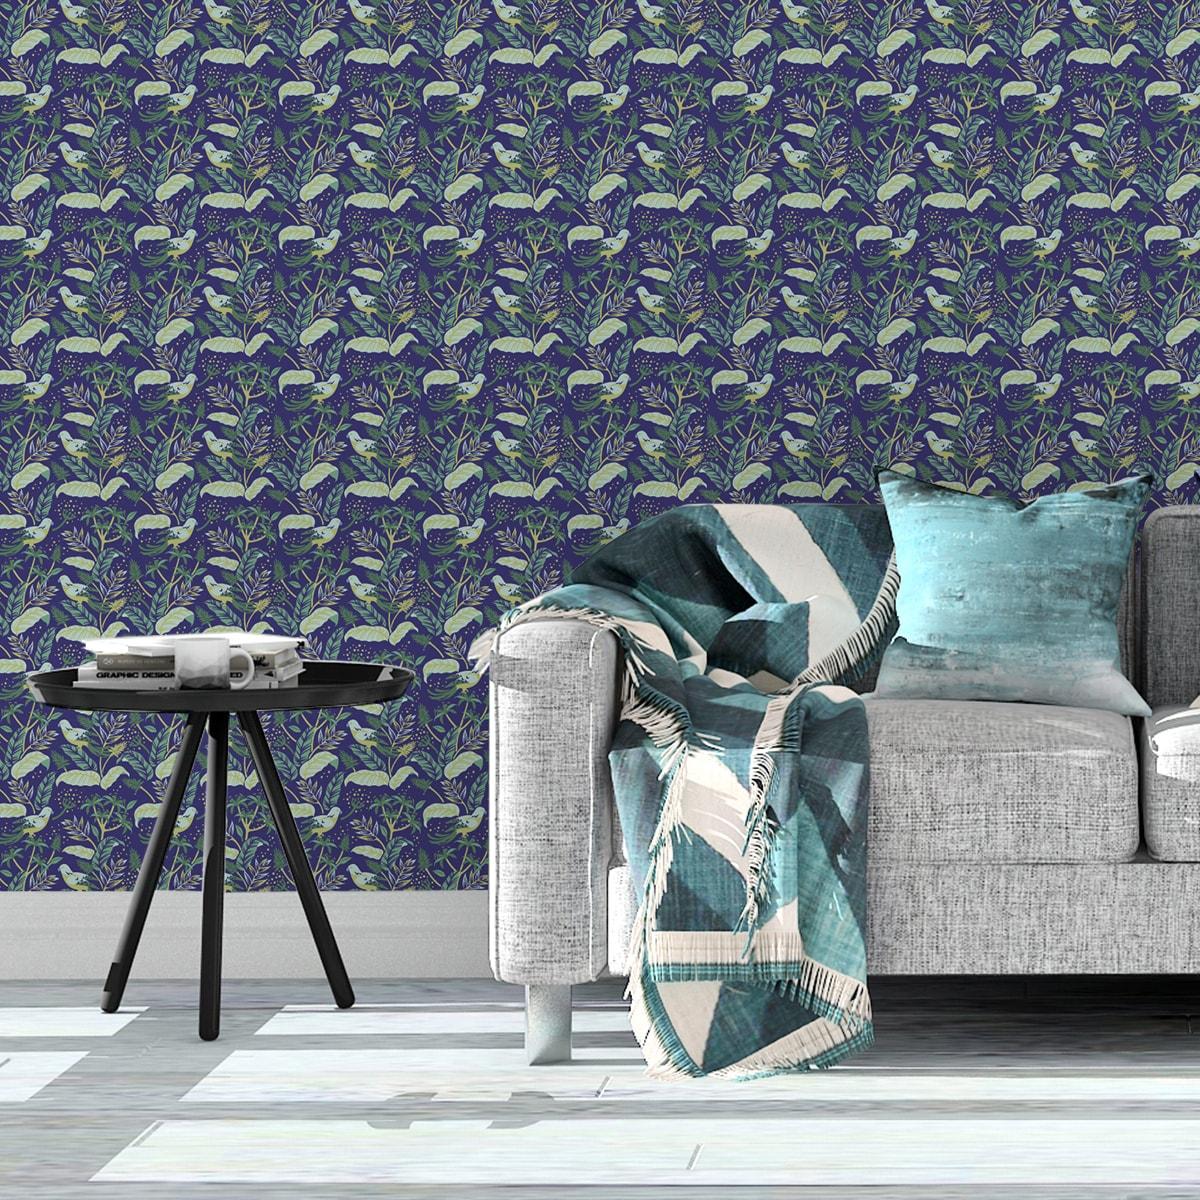 Schlafzimmer tapezieren in mittelblau: Moderne Little Square Tapete grün angepasst - Exklusive Tapeten für schönes Wohnen aus der Serie Grafische Tapeten für Wohn- und Schlafzimmer der Gräflich Münster'schen Manufaktur